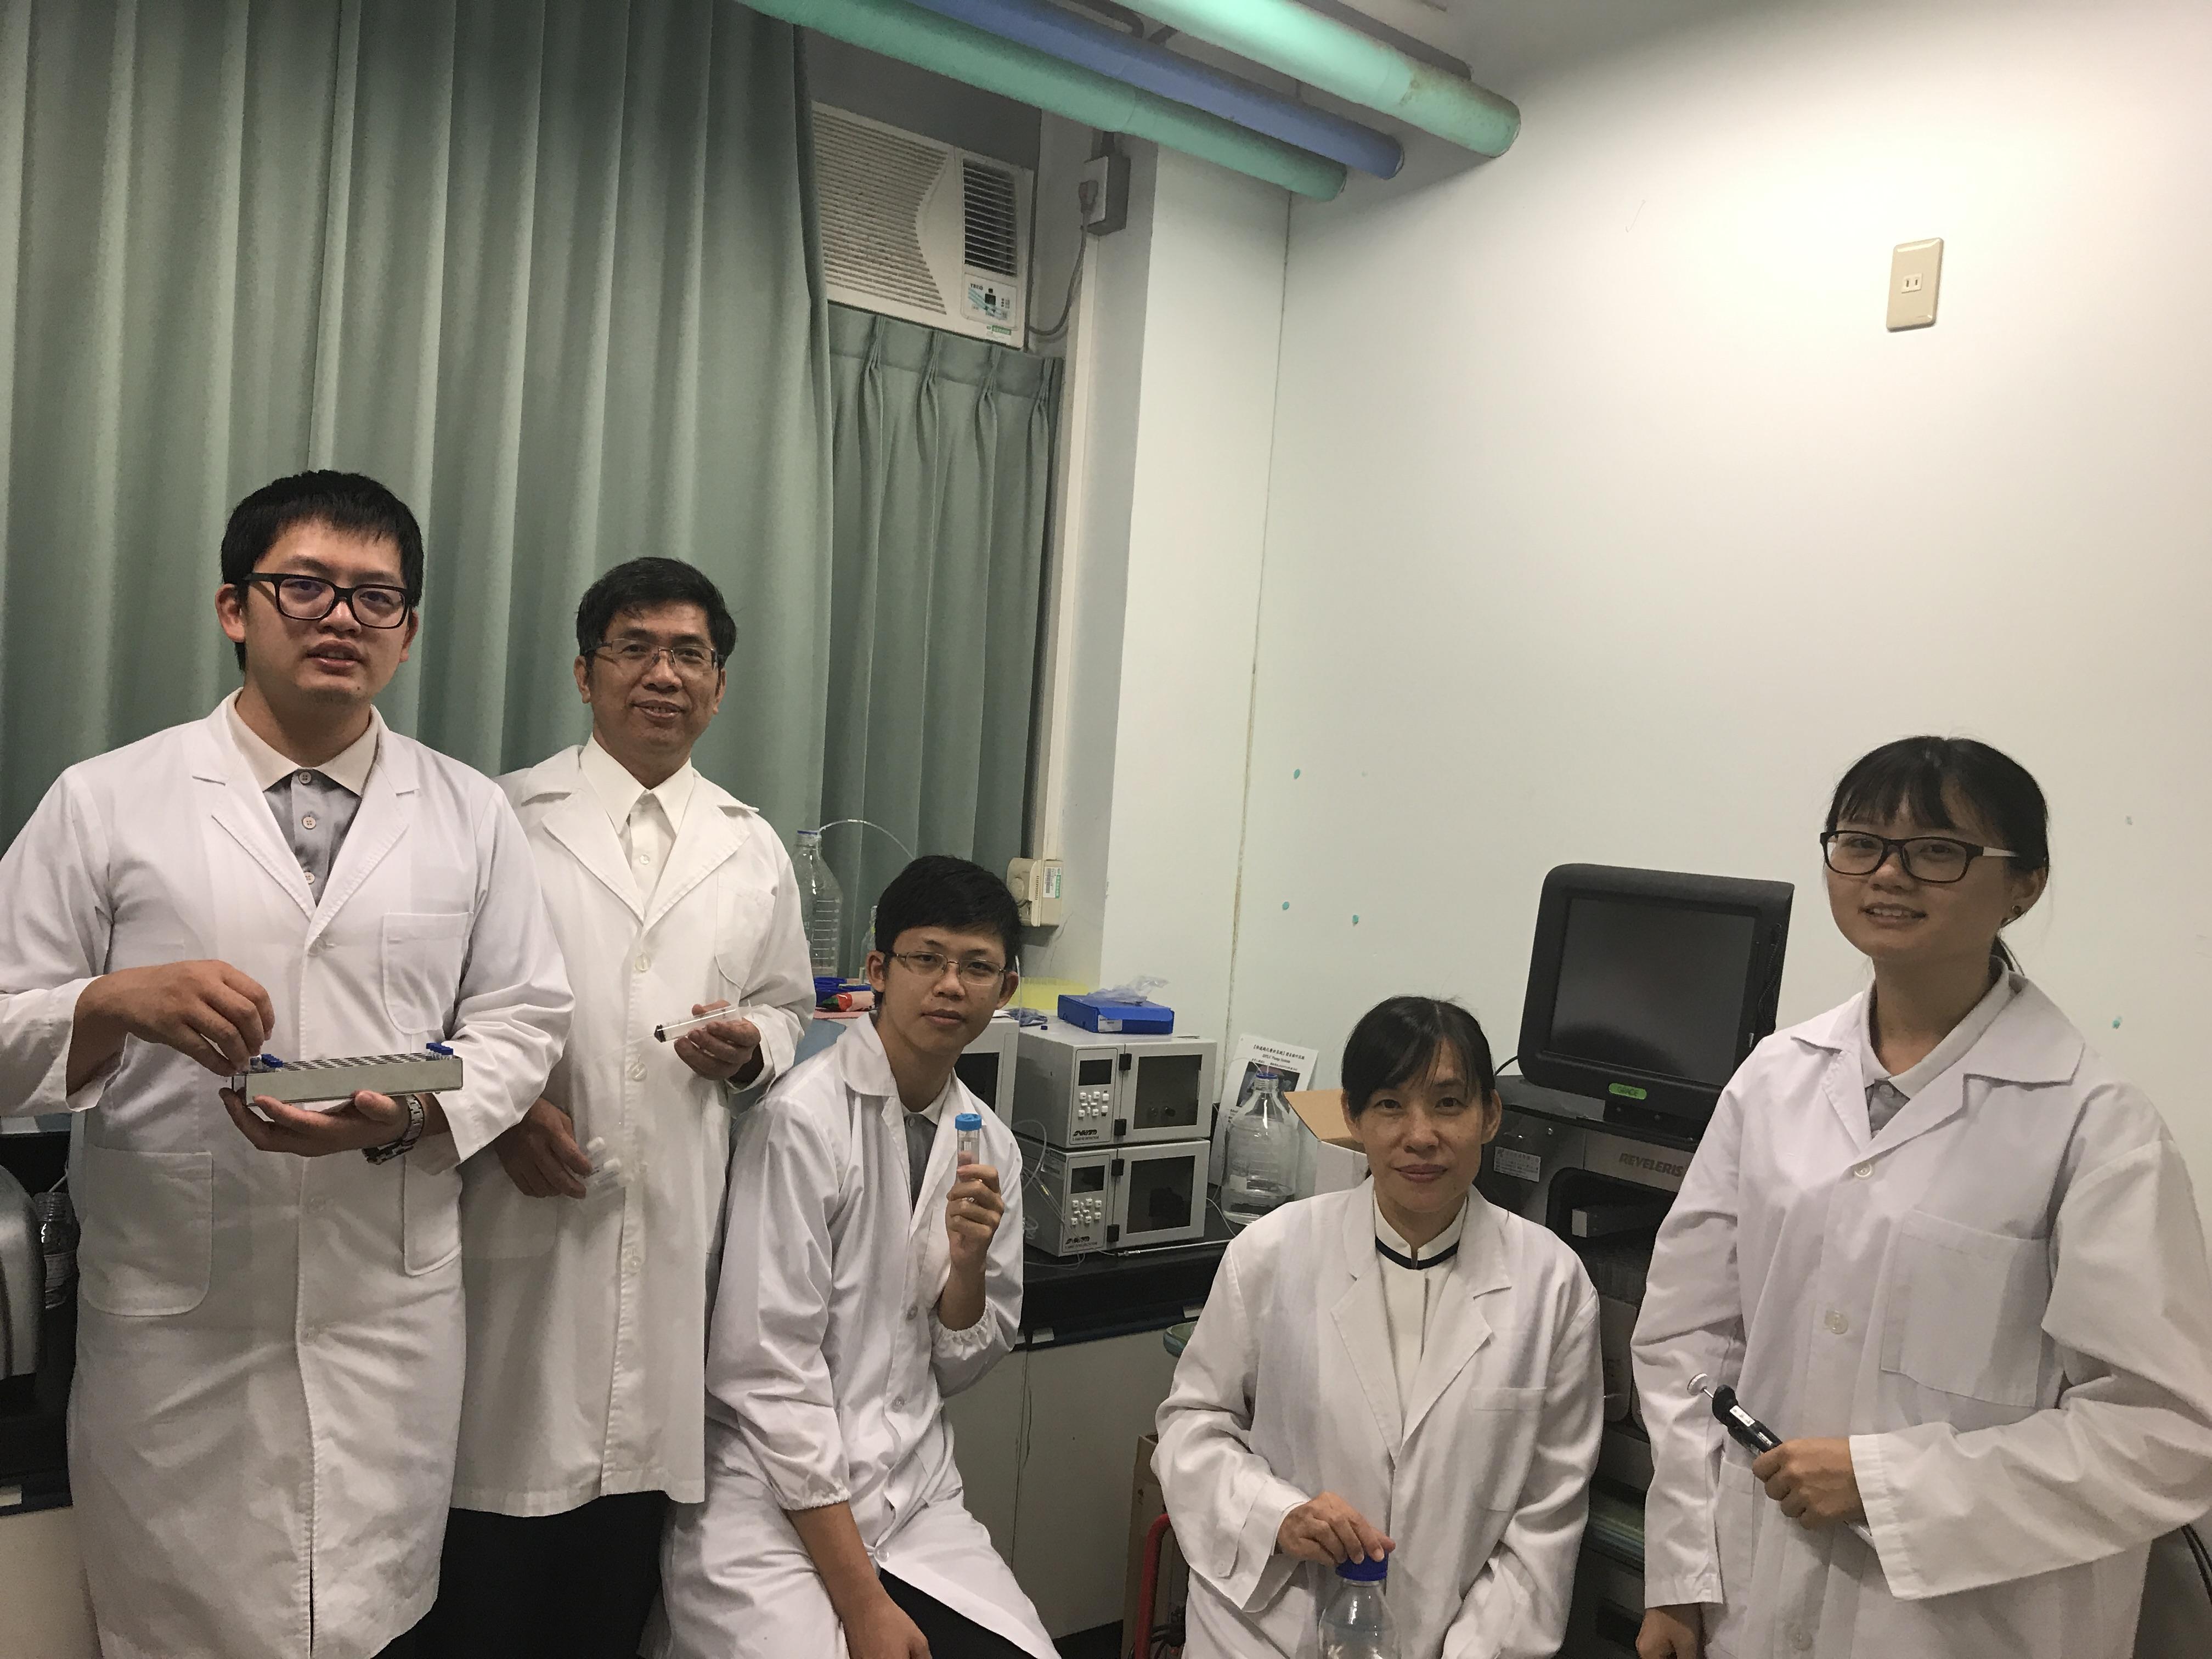 團隊成員-萃取物成分分析